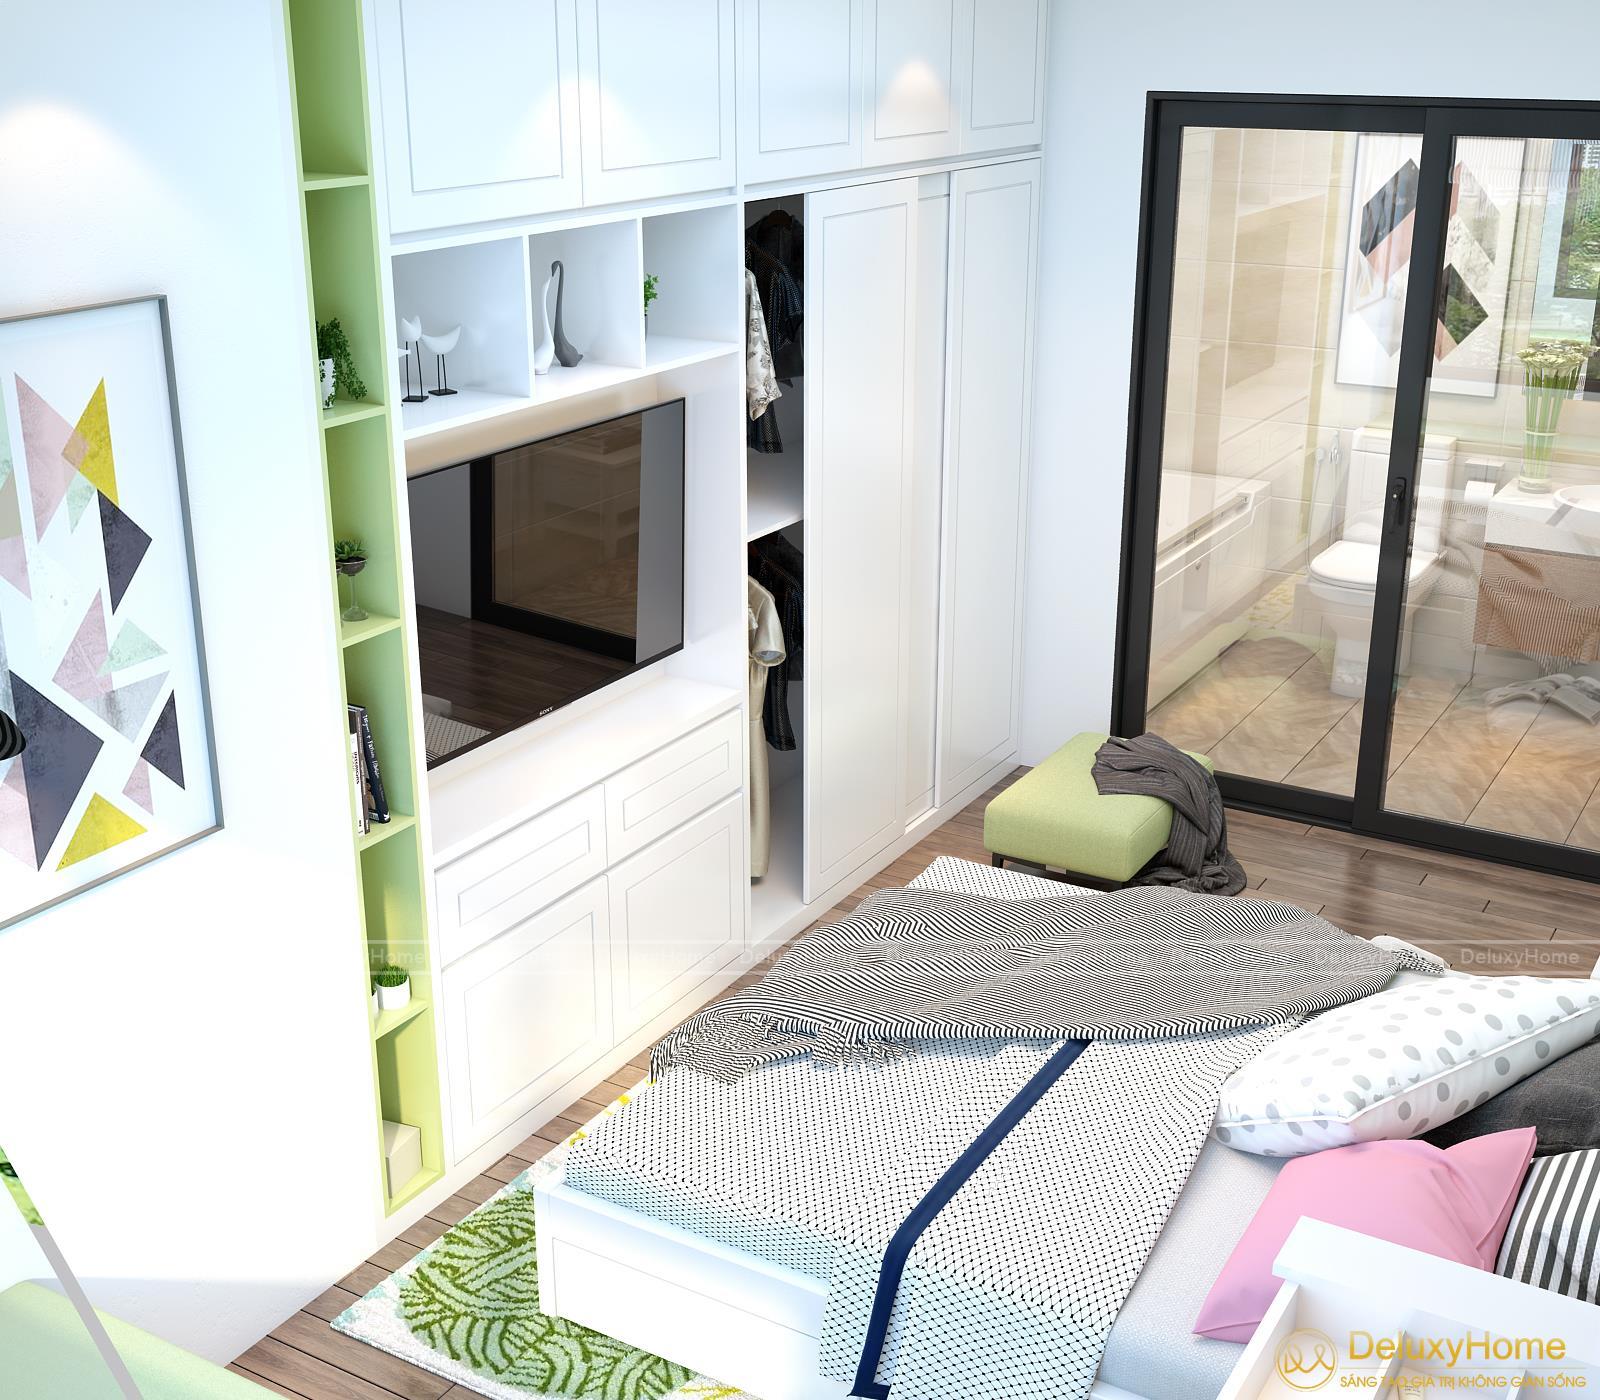 View 3 - Nội thất phòng ngủ